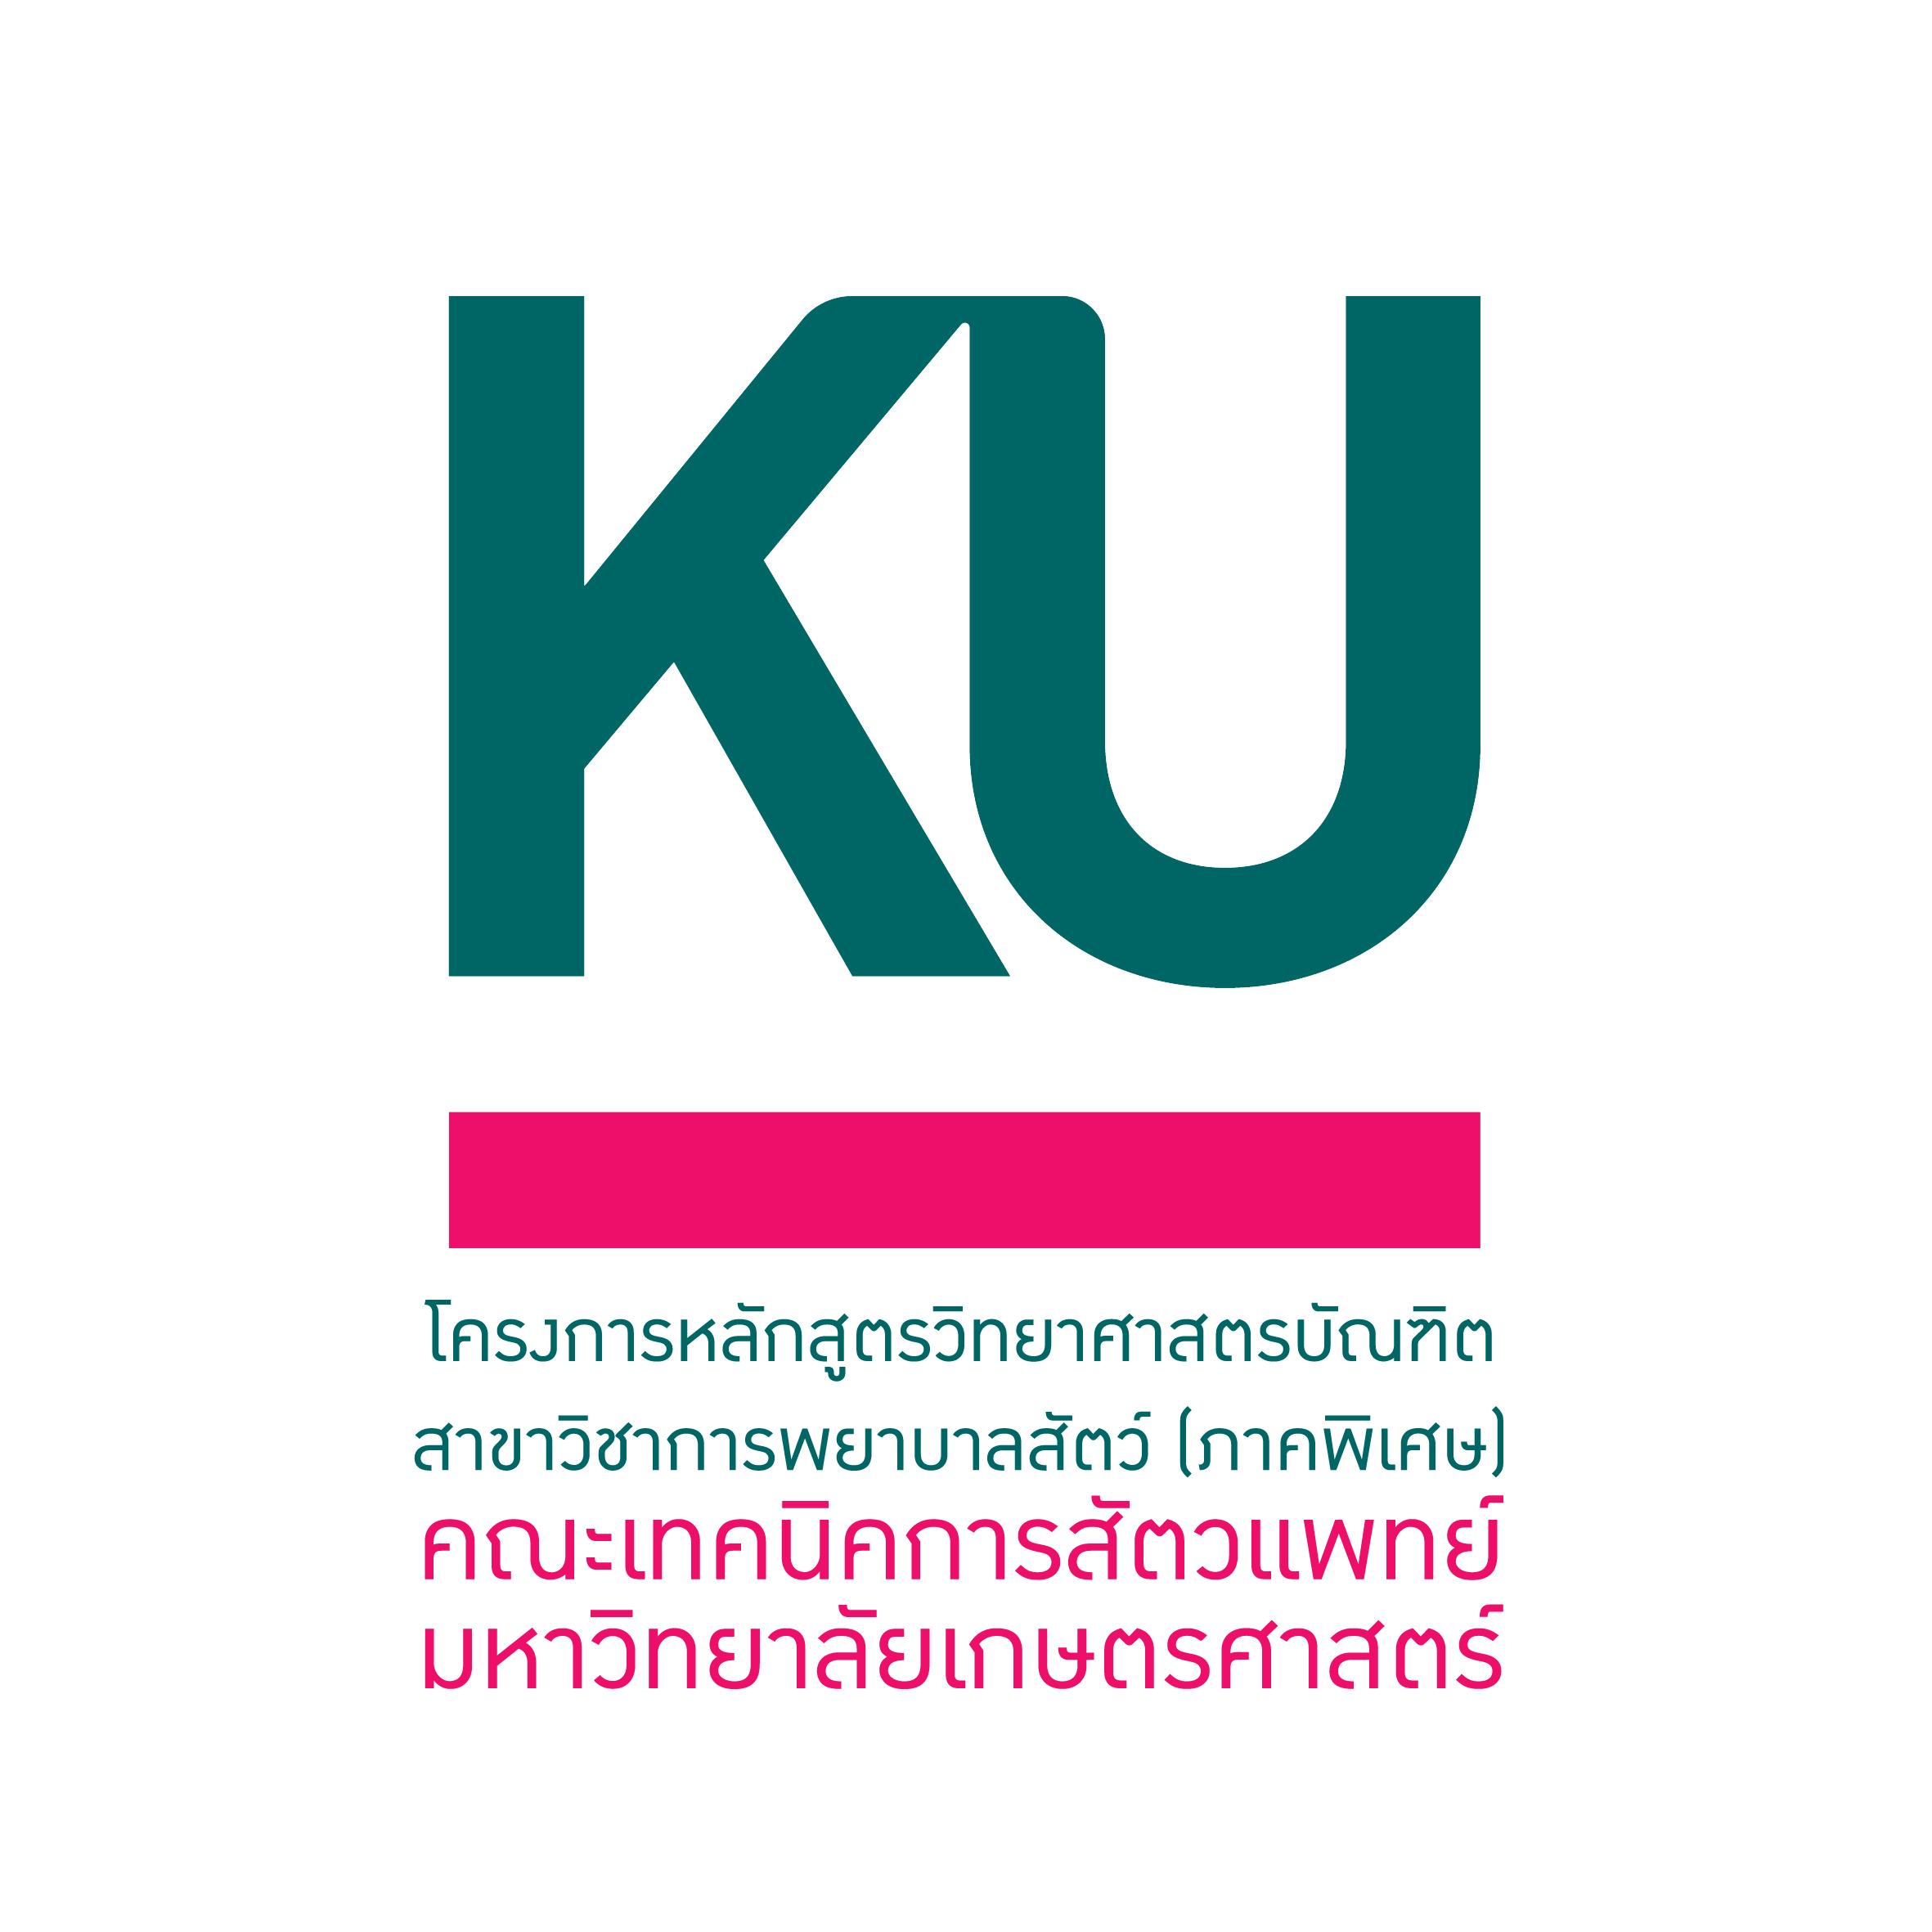 ประกาศรับสมัครทุนศึกษาดูงานและสร้างความสัมพันธ์ระหว่างประเทศ ประจำปีการศึกษา 2561